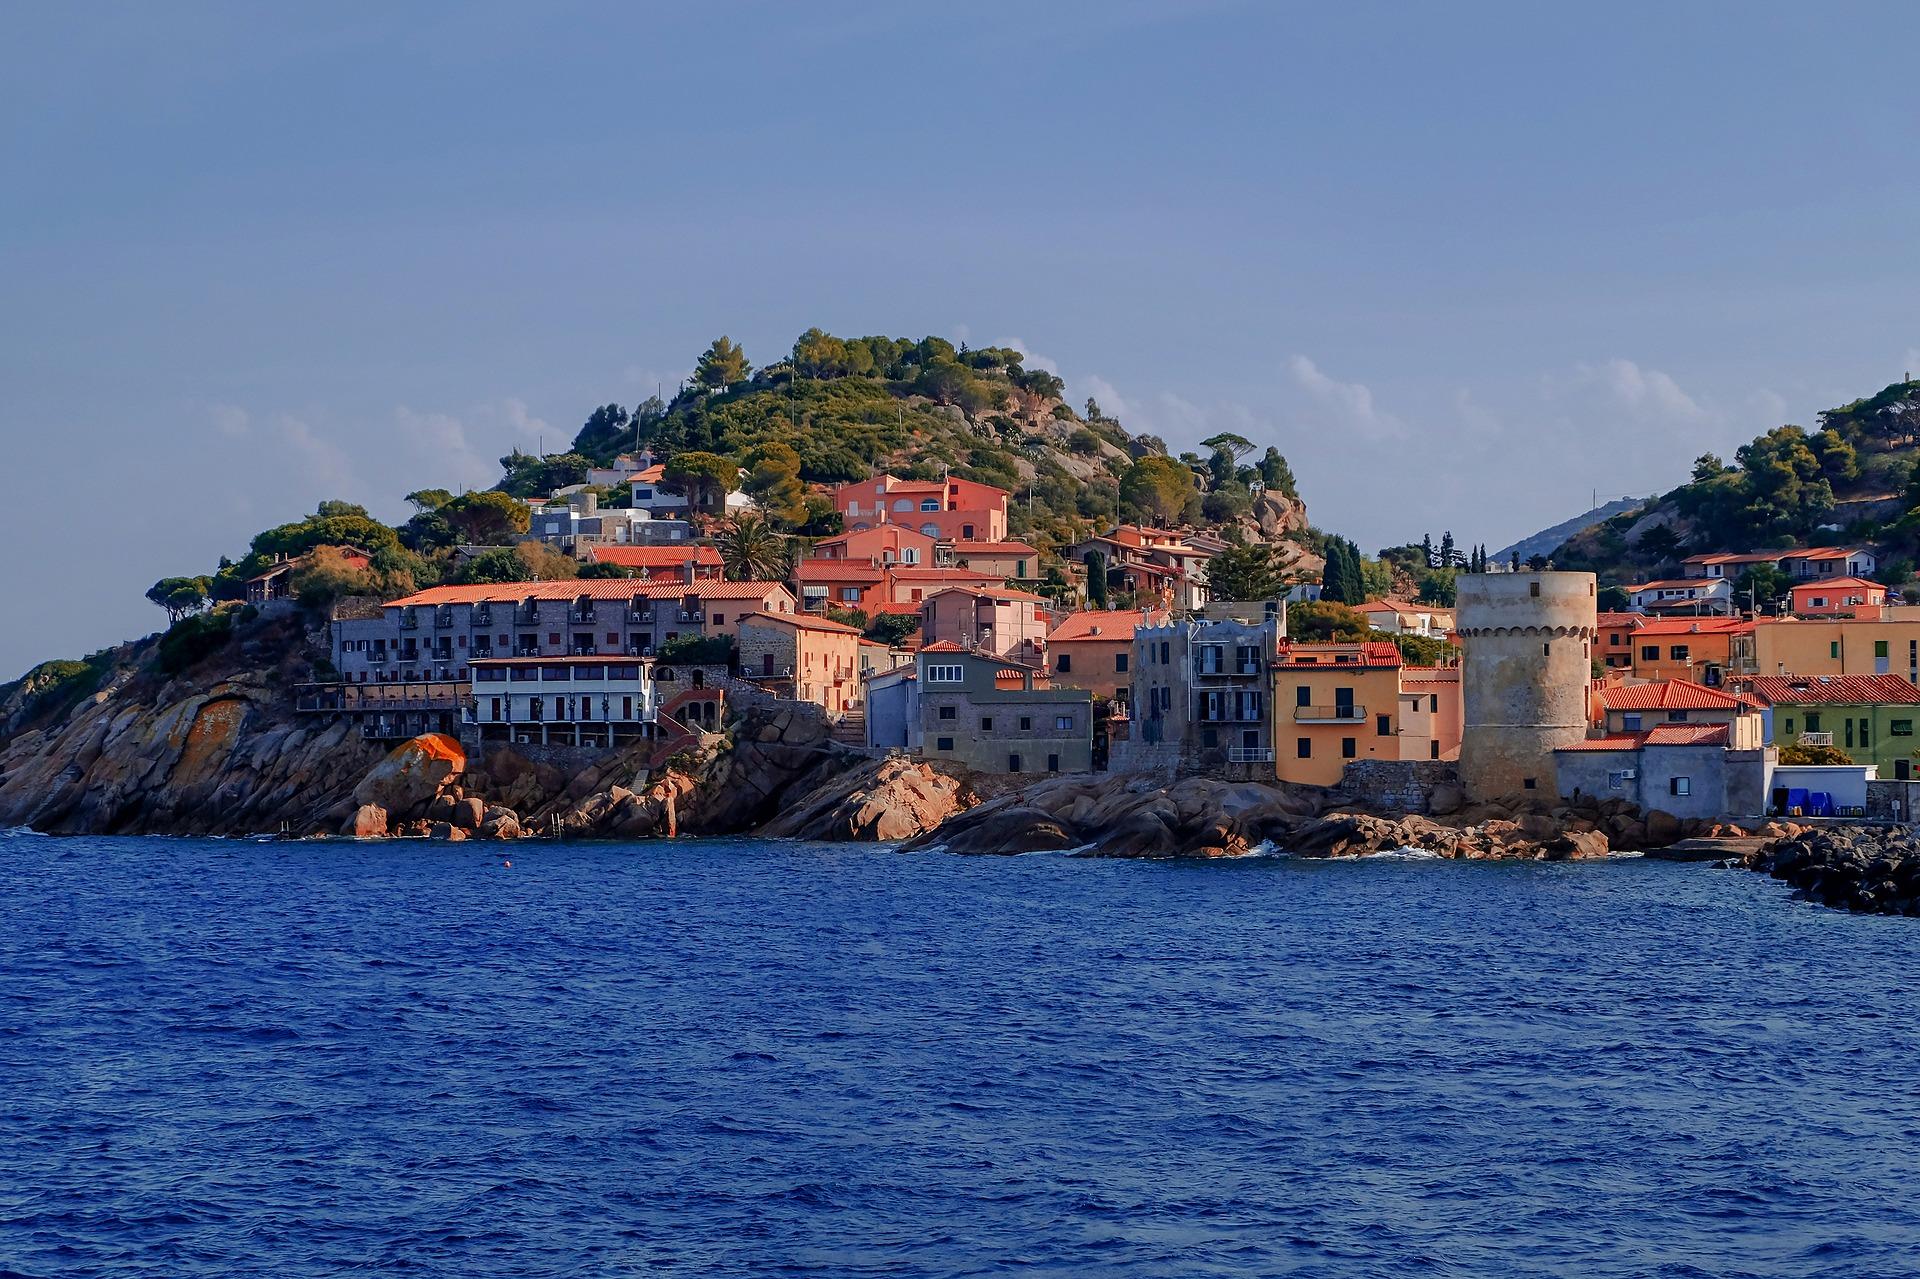 Isola d'Elba, la regina dell'Arcipelago Toscano